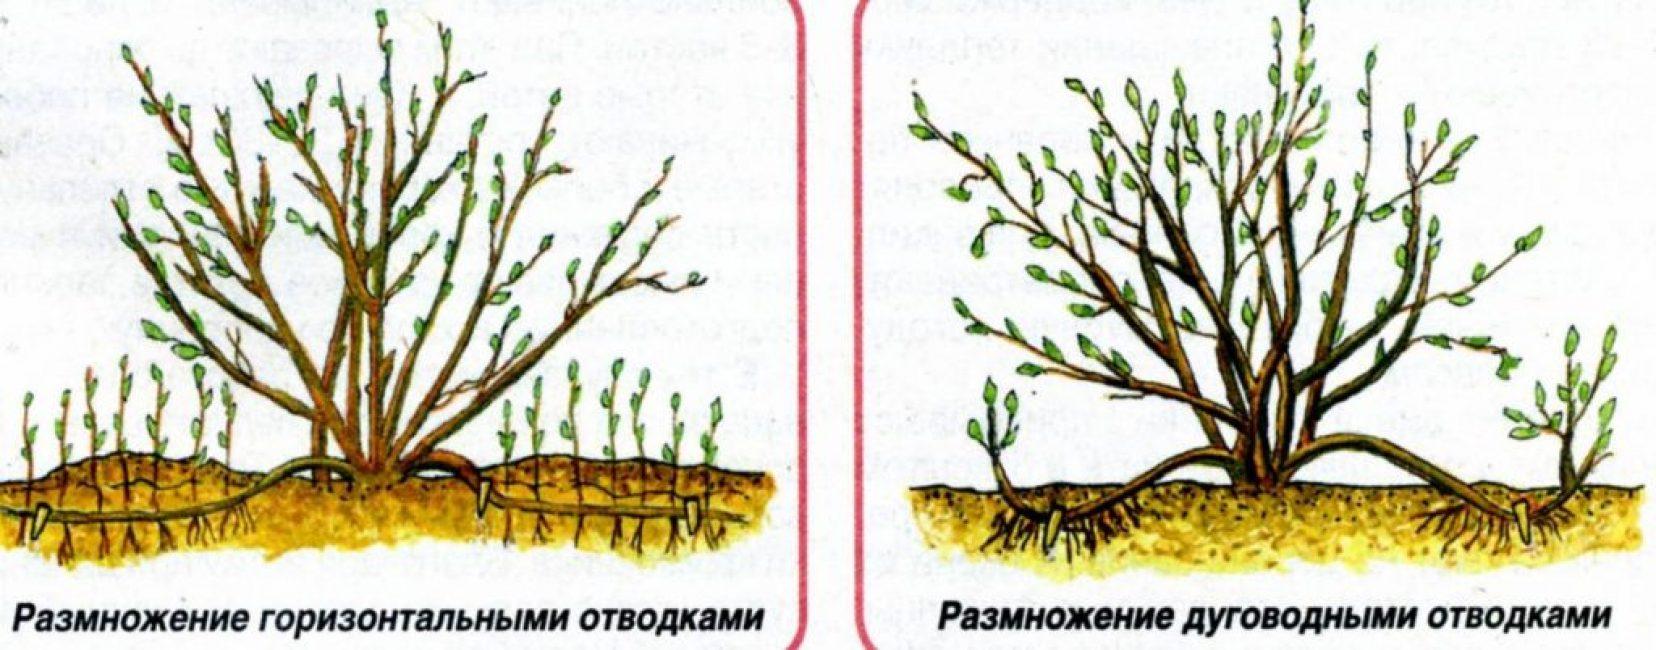 Два варианта размножения отводками